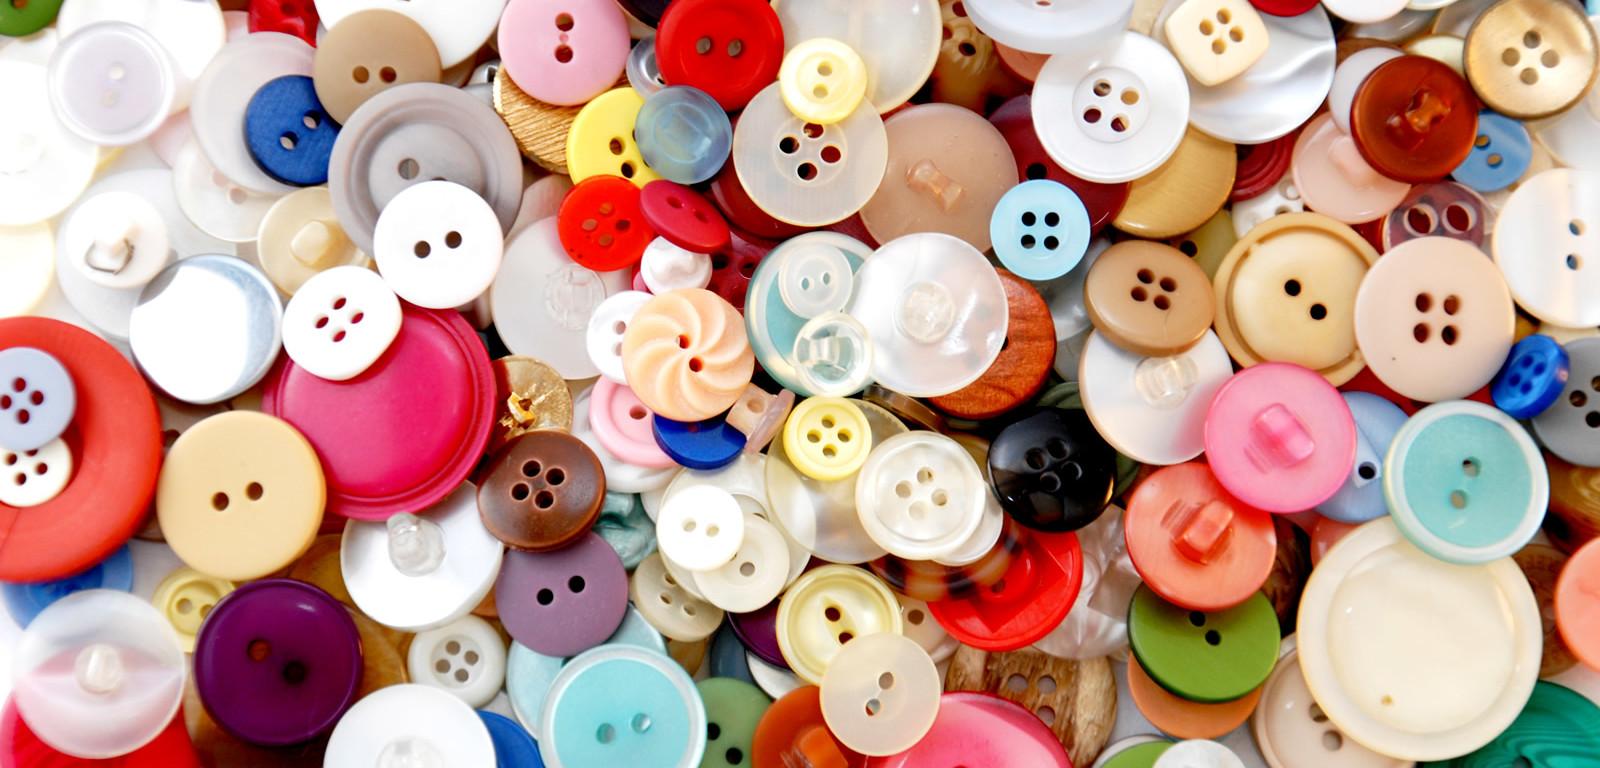 Idee Di Riciclo Per Natale riciclo creativo con i bottoni: qualche idea per il natale